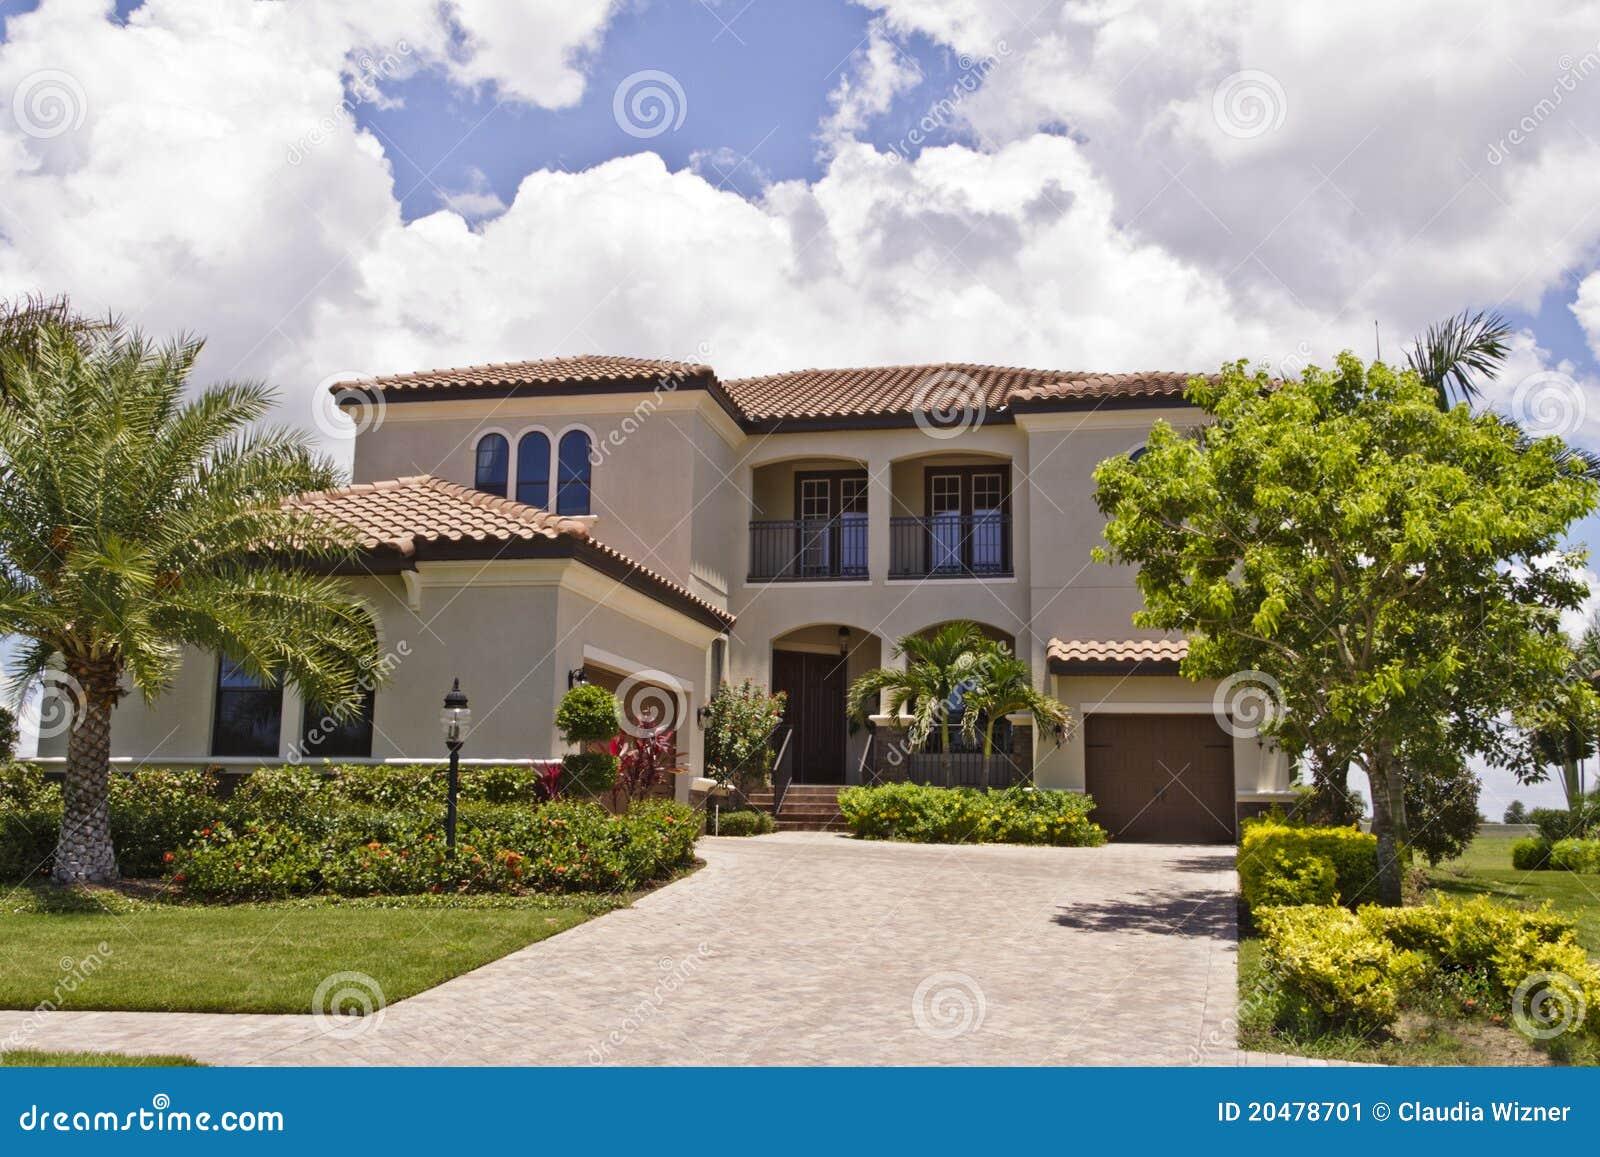 Belle maison avec le toit de tuile image stock image 20478701 - Image de belle maison ...